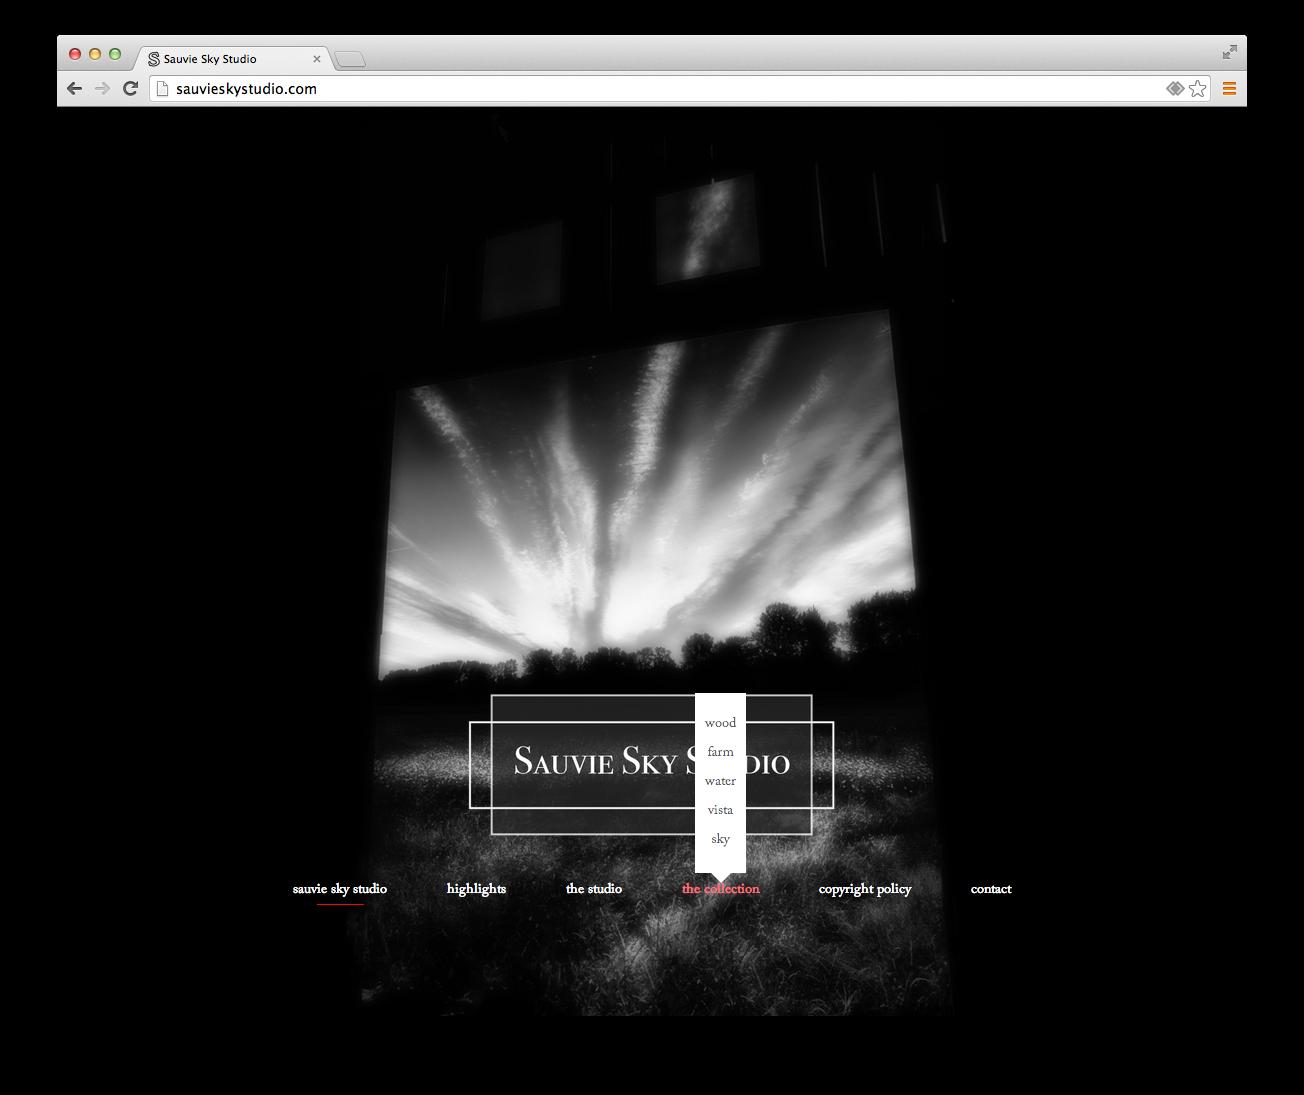 Screen Shot 2013-12-29 at 7.14.41 PM.png